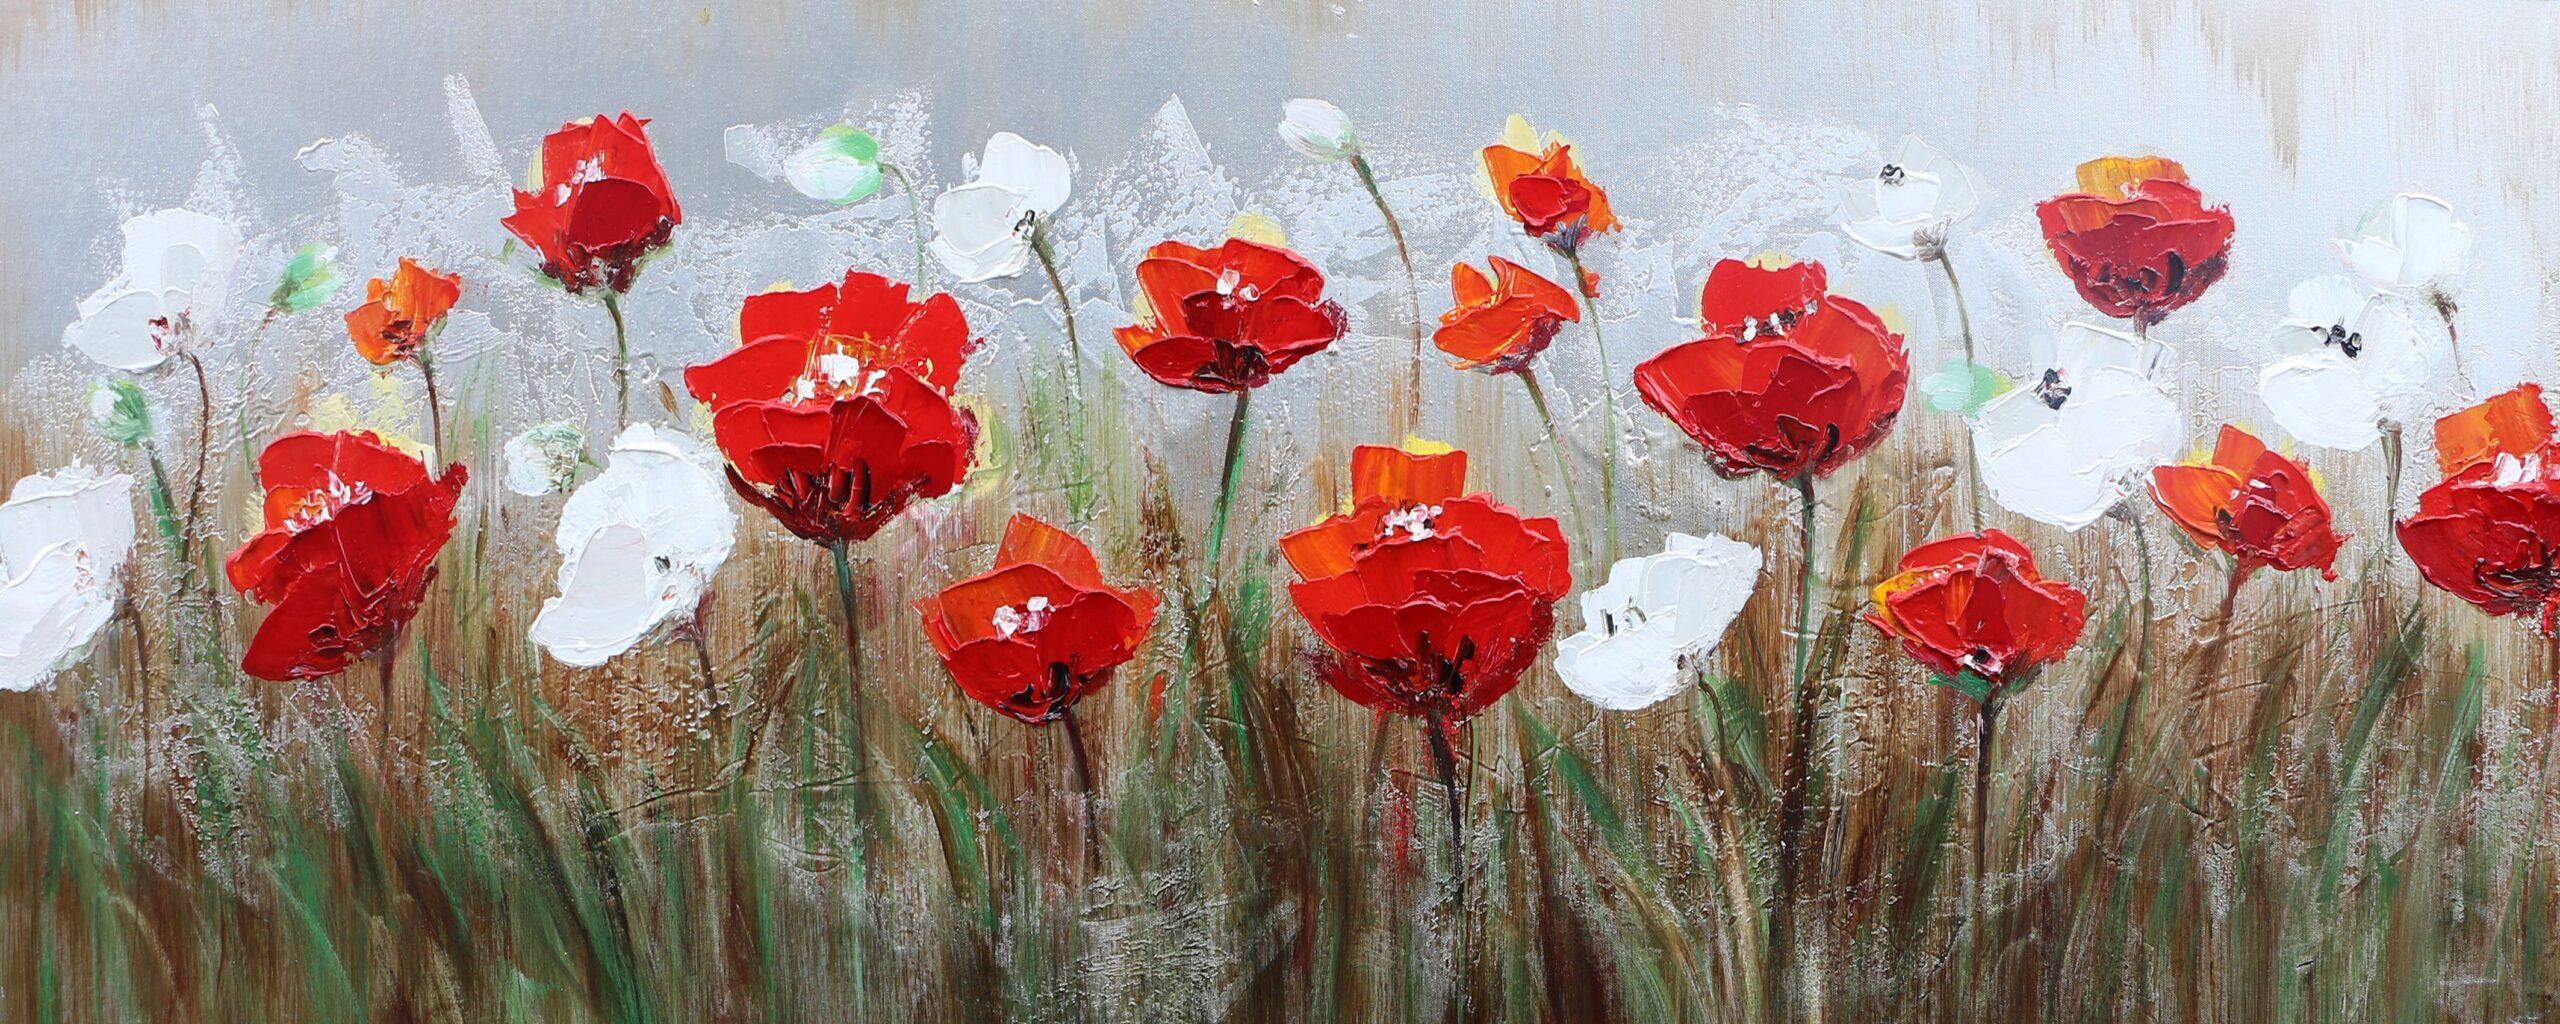 Schilderij Red & White Beauties Bloemen Bloemenveld GS-P0547